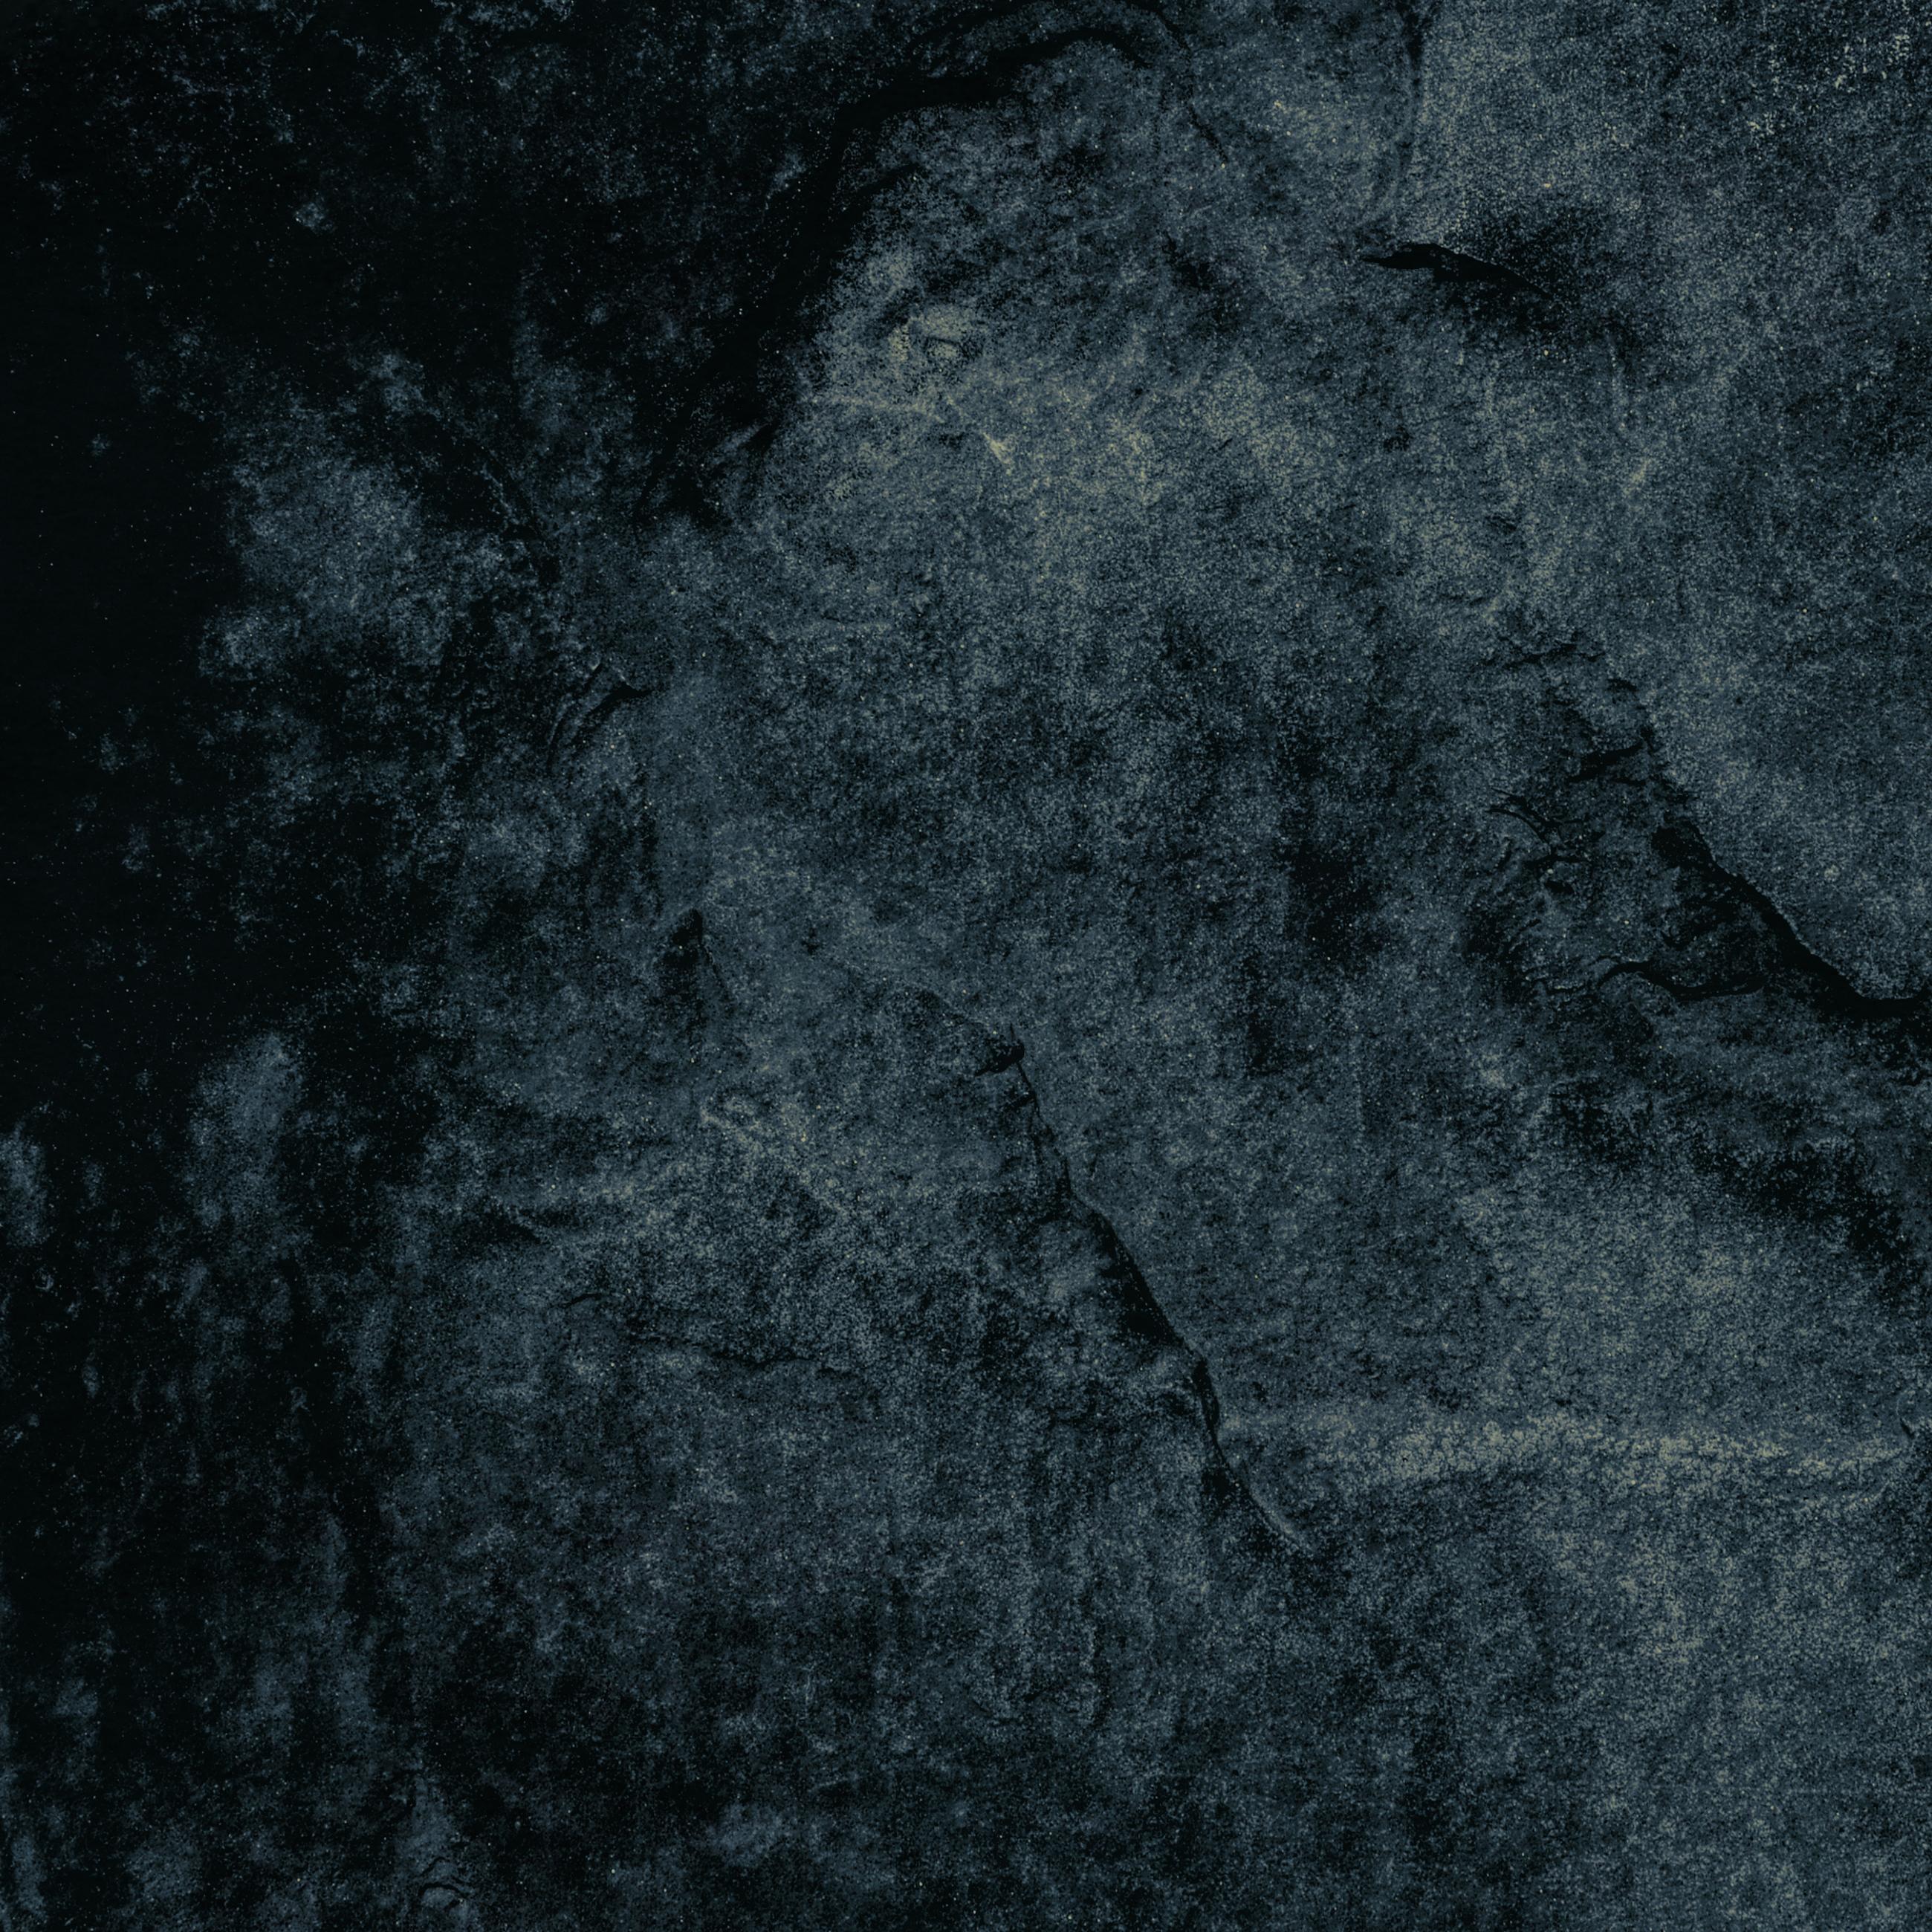 102165 Hintergrundbild herunterladen Dunkel, Textur, Texturen, Flecken, Spots, Gerippt, Gerippte - Bildschirmschoner und Bilder kostenlos